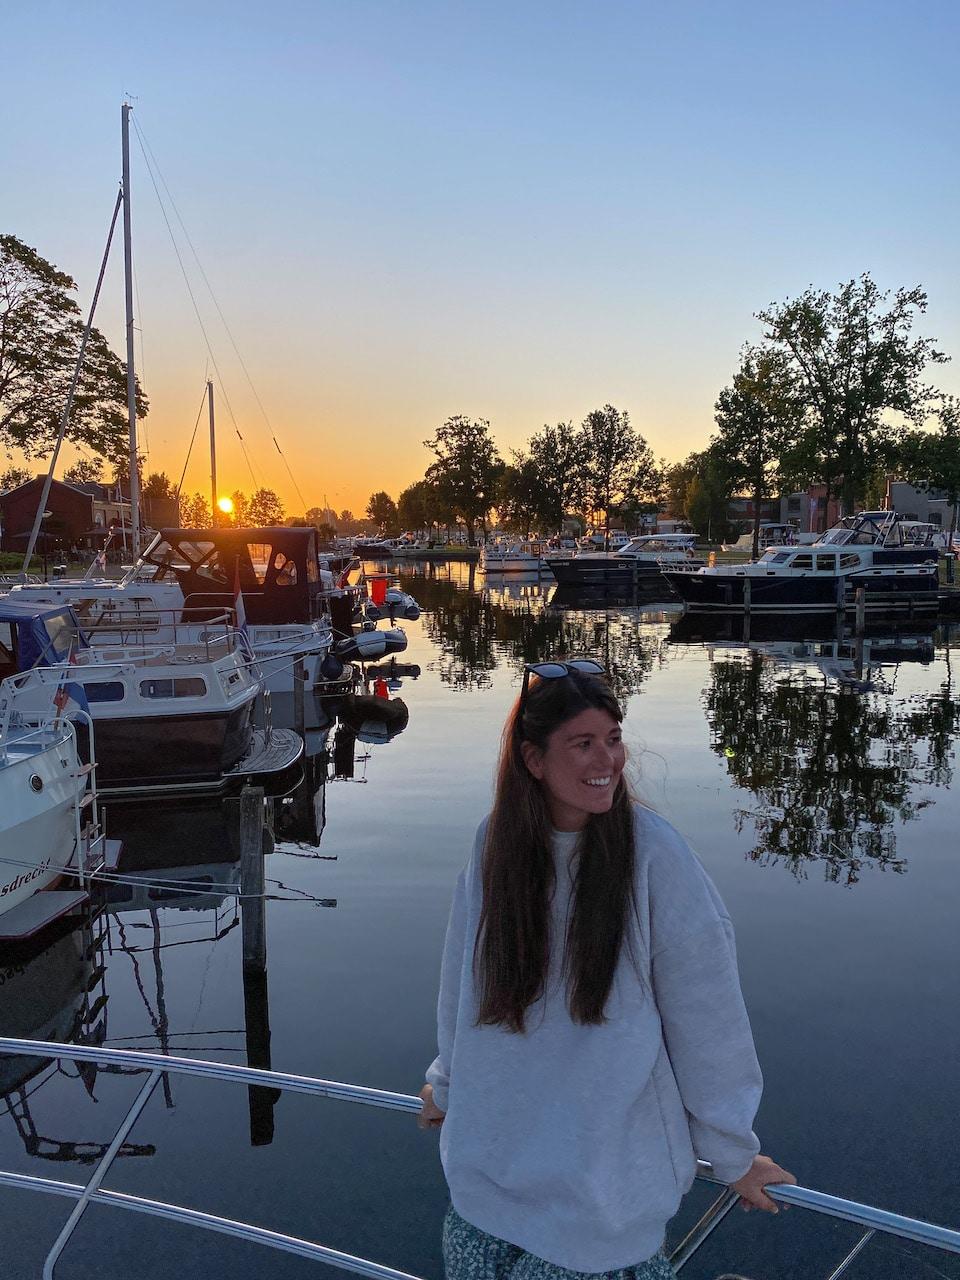 Vaarvakantie in Friesland - vaarroute voor 1 week